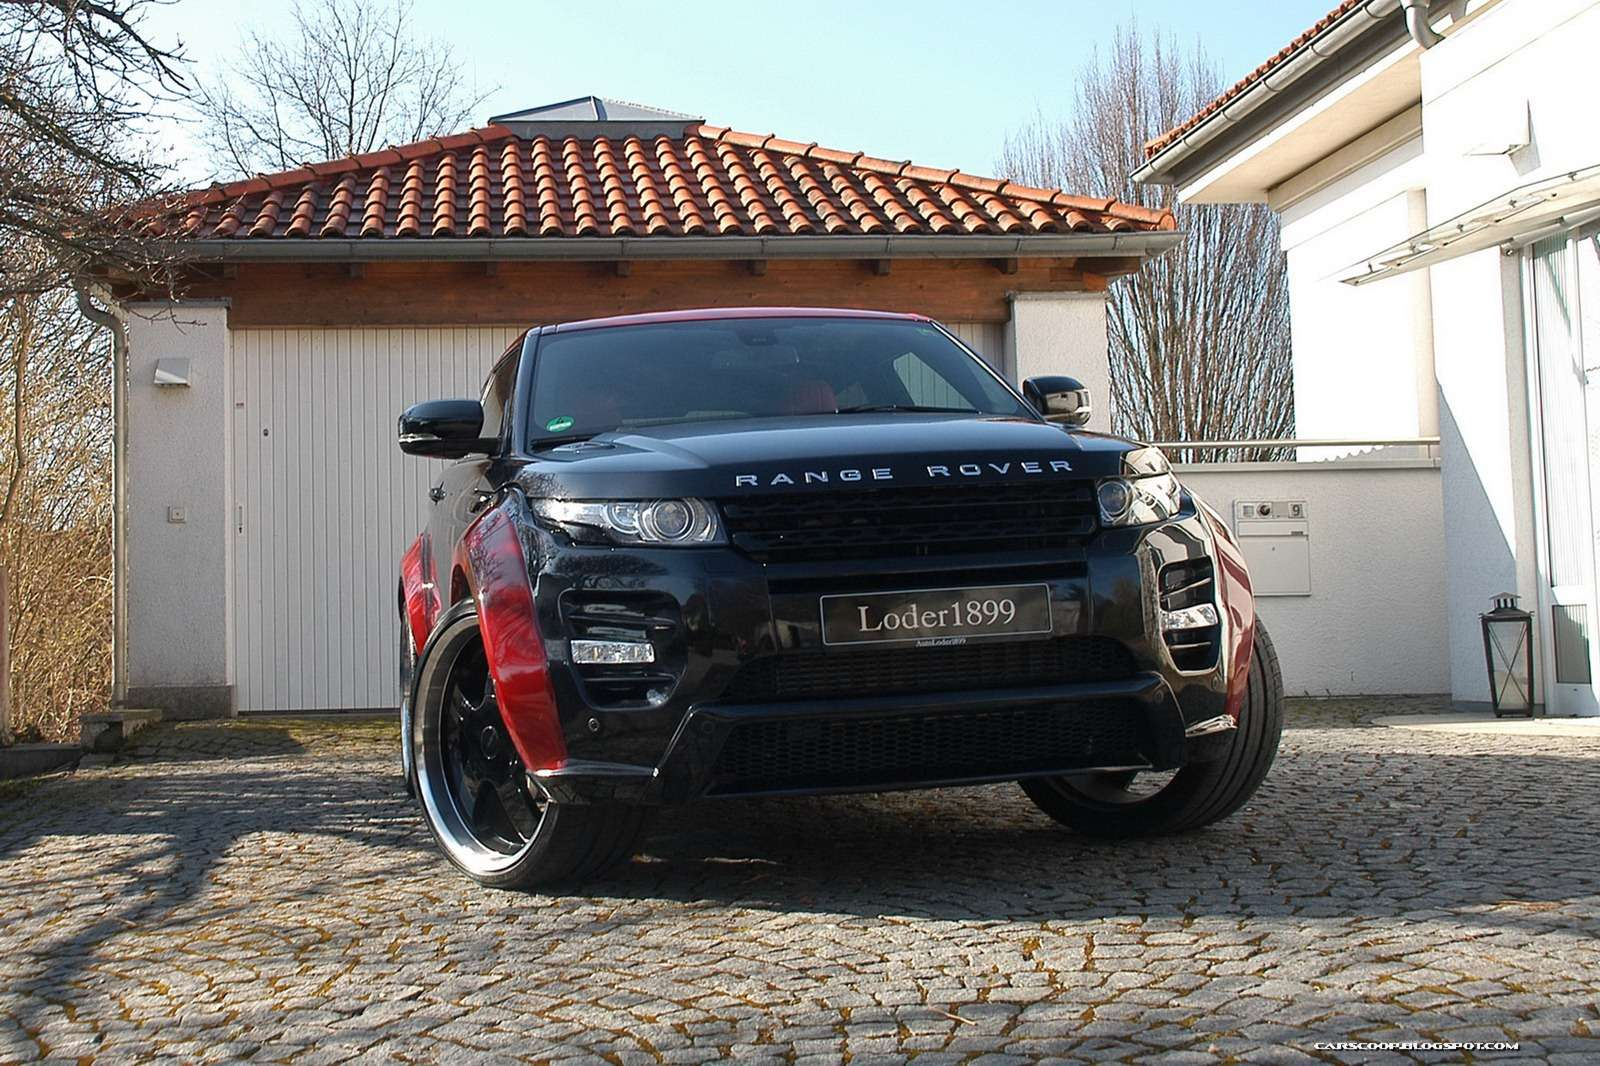 Range Rover Evoque SD4 Horus Loder1899